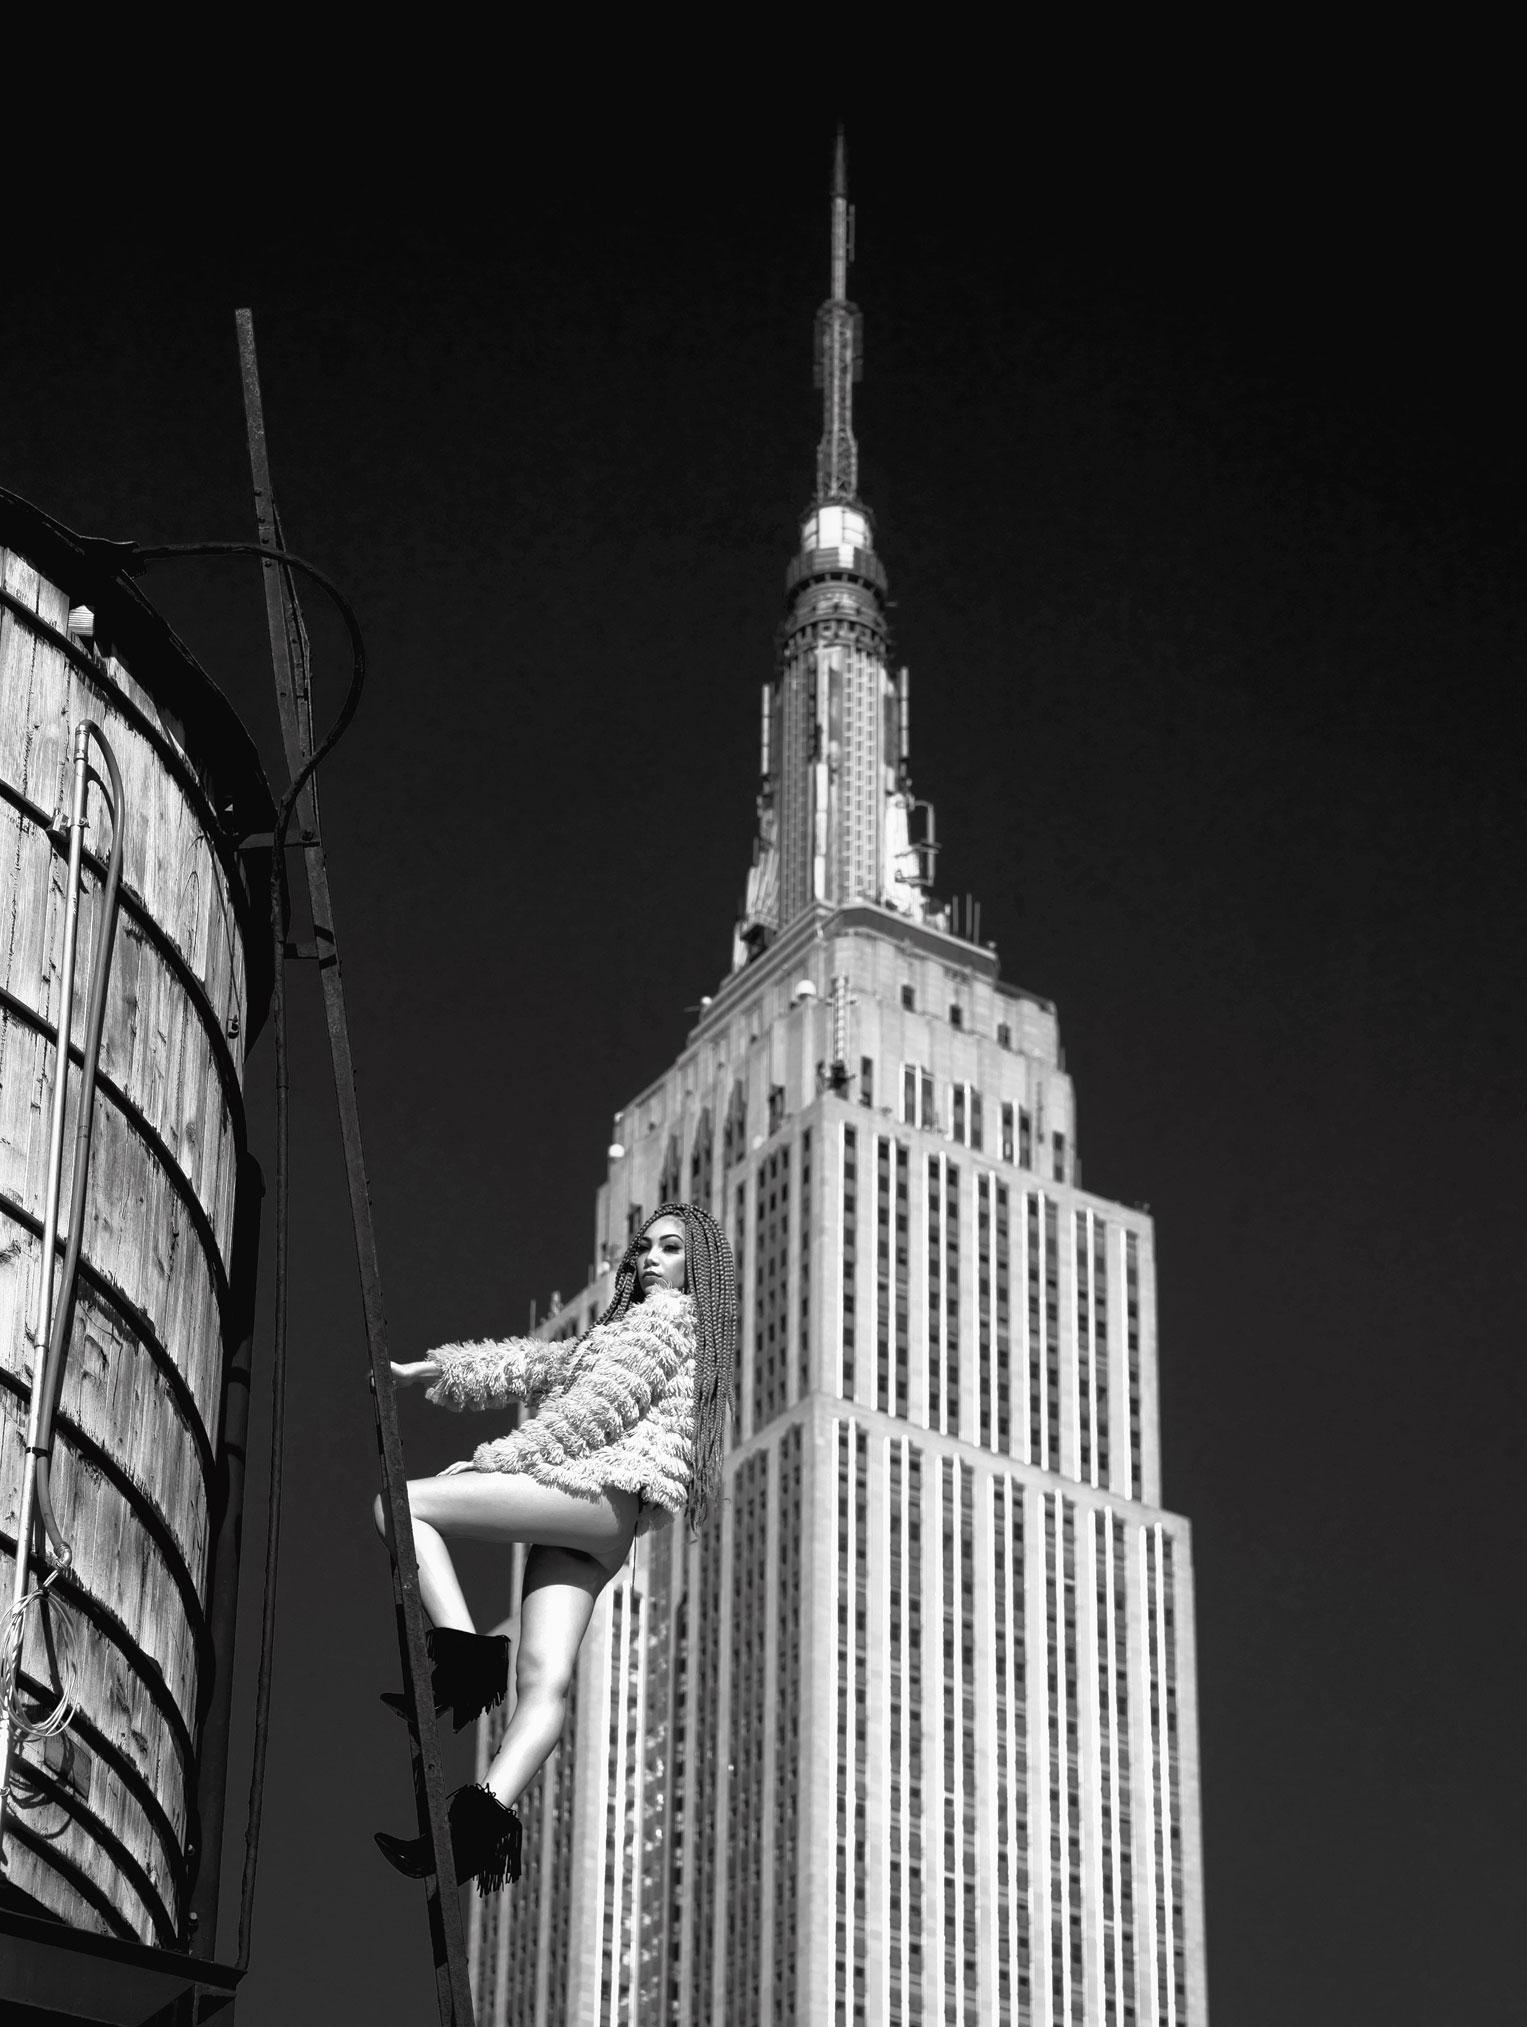 полуголые фотомодели на крышах нью-йоркских небоскребов / Beauty and New York City by Mar Shirasuna